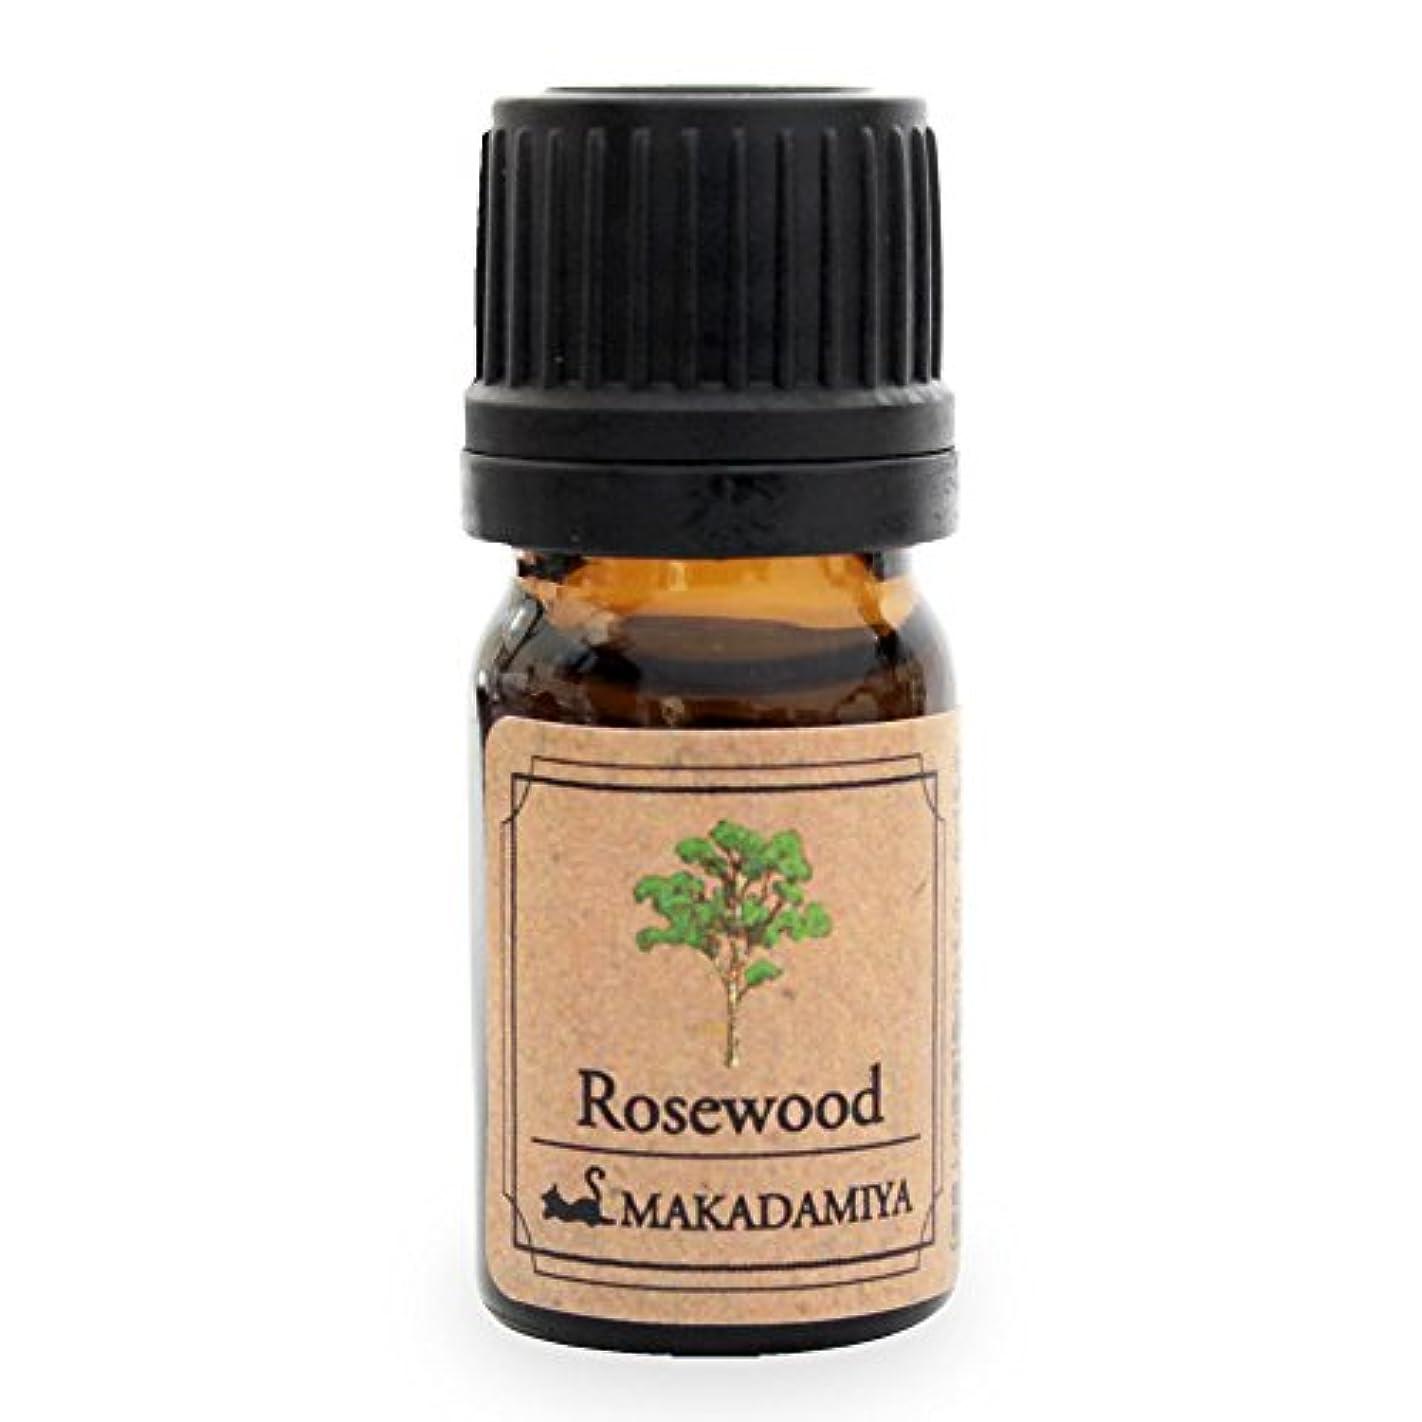 シロナガスクジラ敷居崇拝しますローズウッド5ml 天然100%植物性 エッセンシャルオイル(精油) アロマオイル アロママッサージ aroma Rosewood